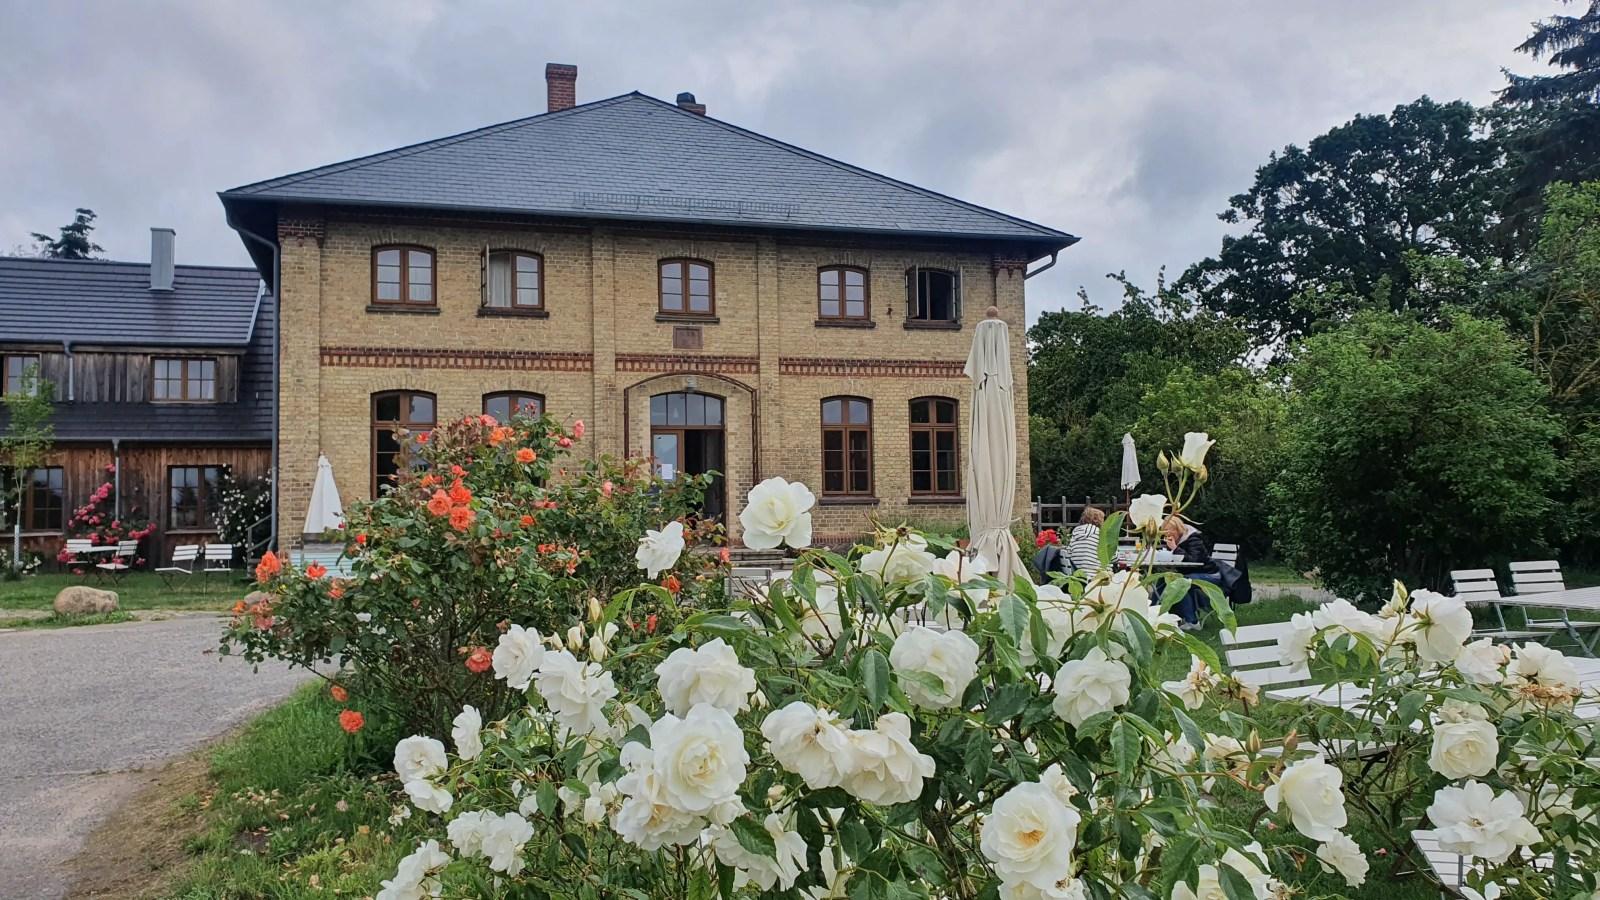 Gutshaus Lexow - ein wunderbarer Ort fürs Übernachten in einem Gutshaus in Mecklenburg-Vorpommern.